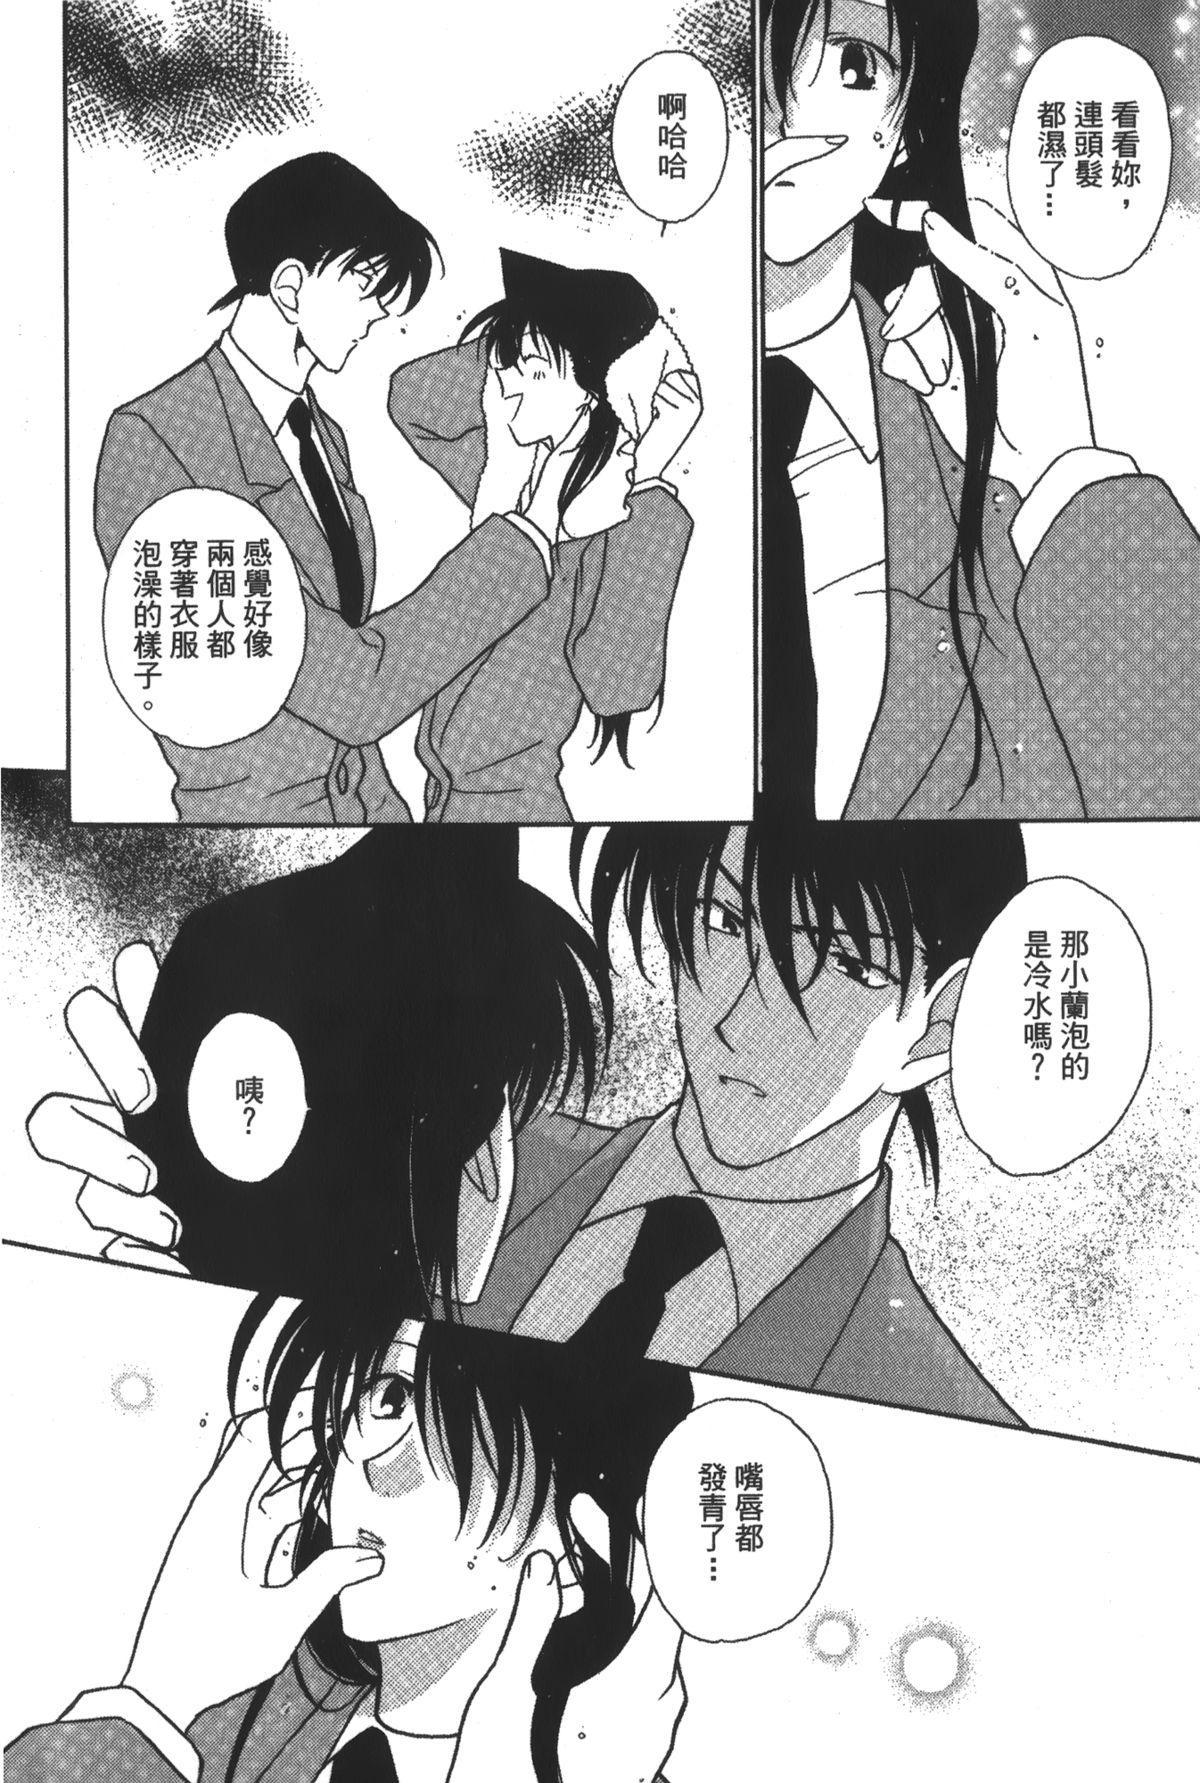 Detective Assistant Vol. 14 4